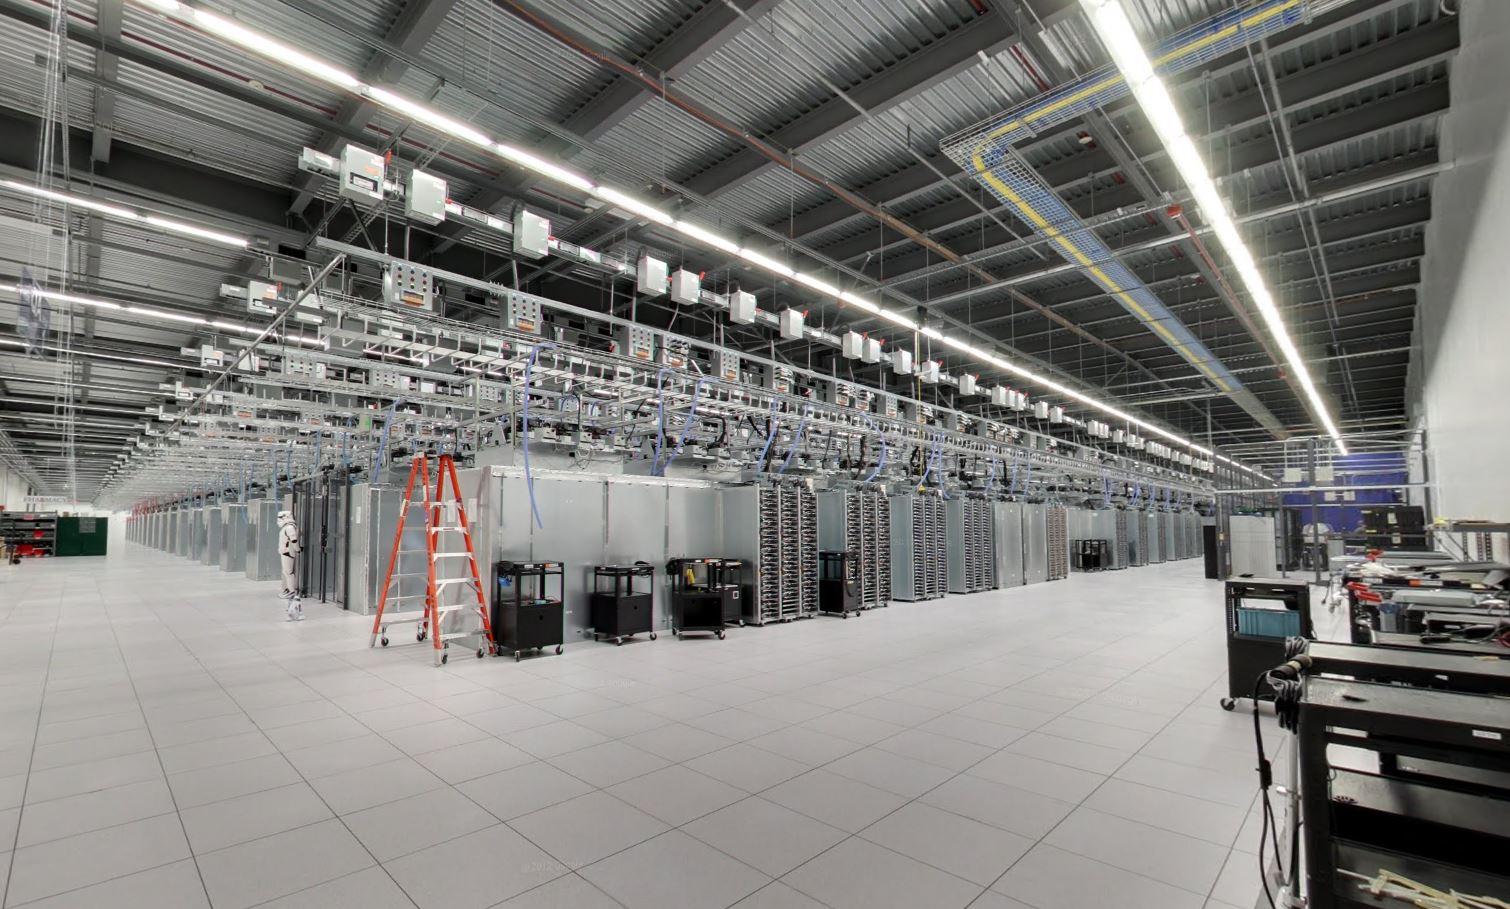 Google Data Center Google Street View